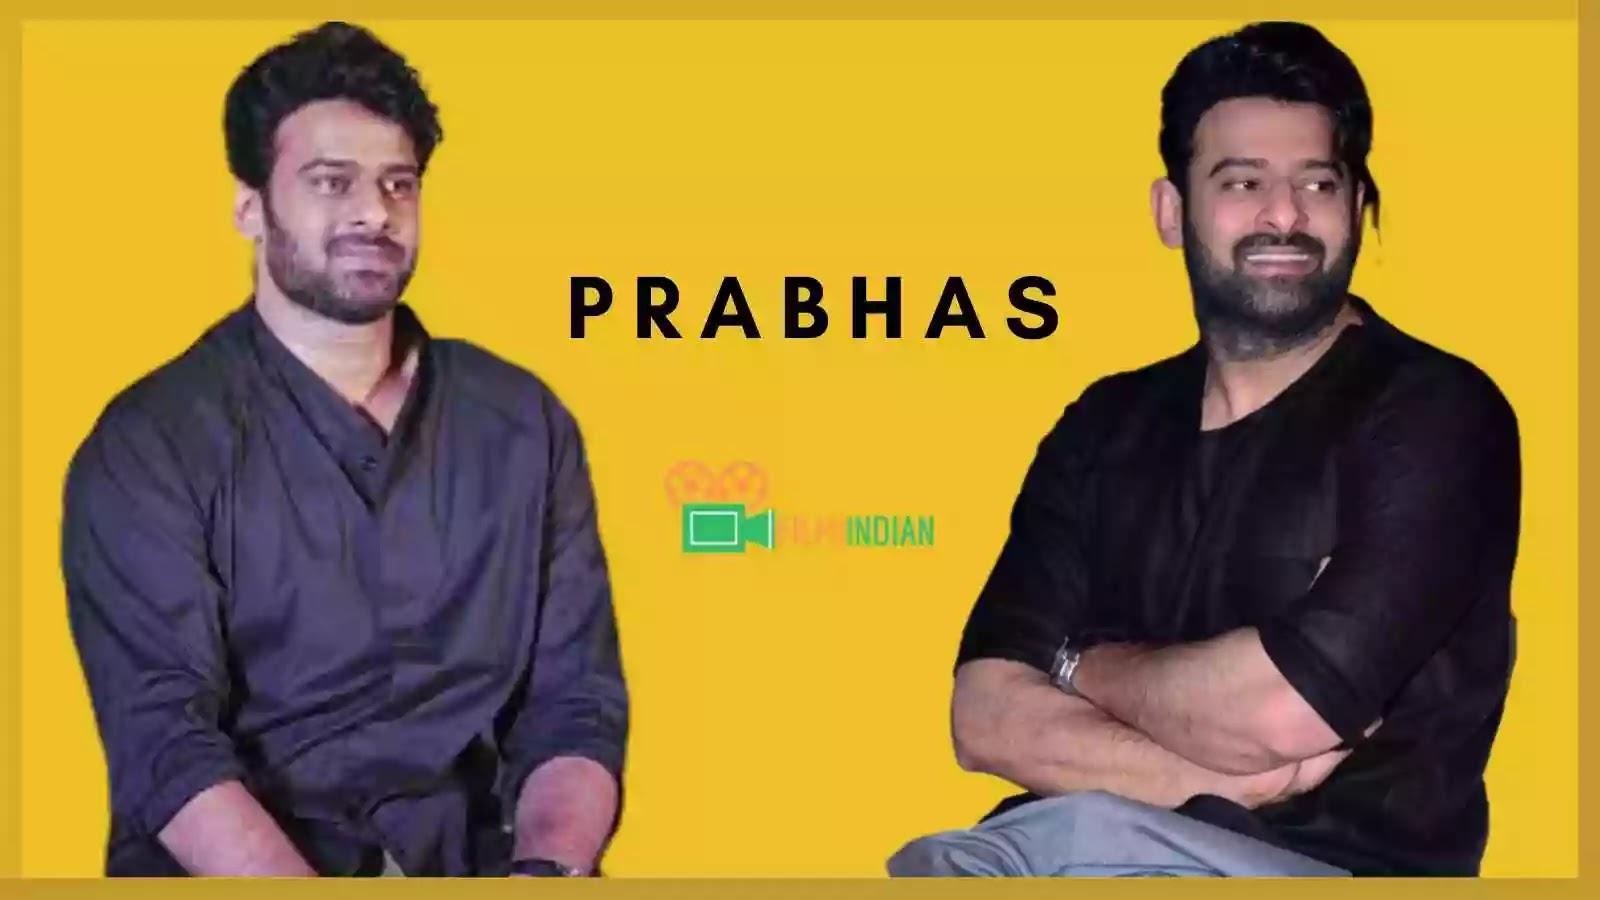 prabhas age